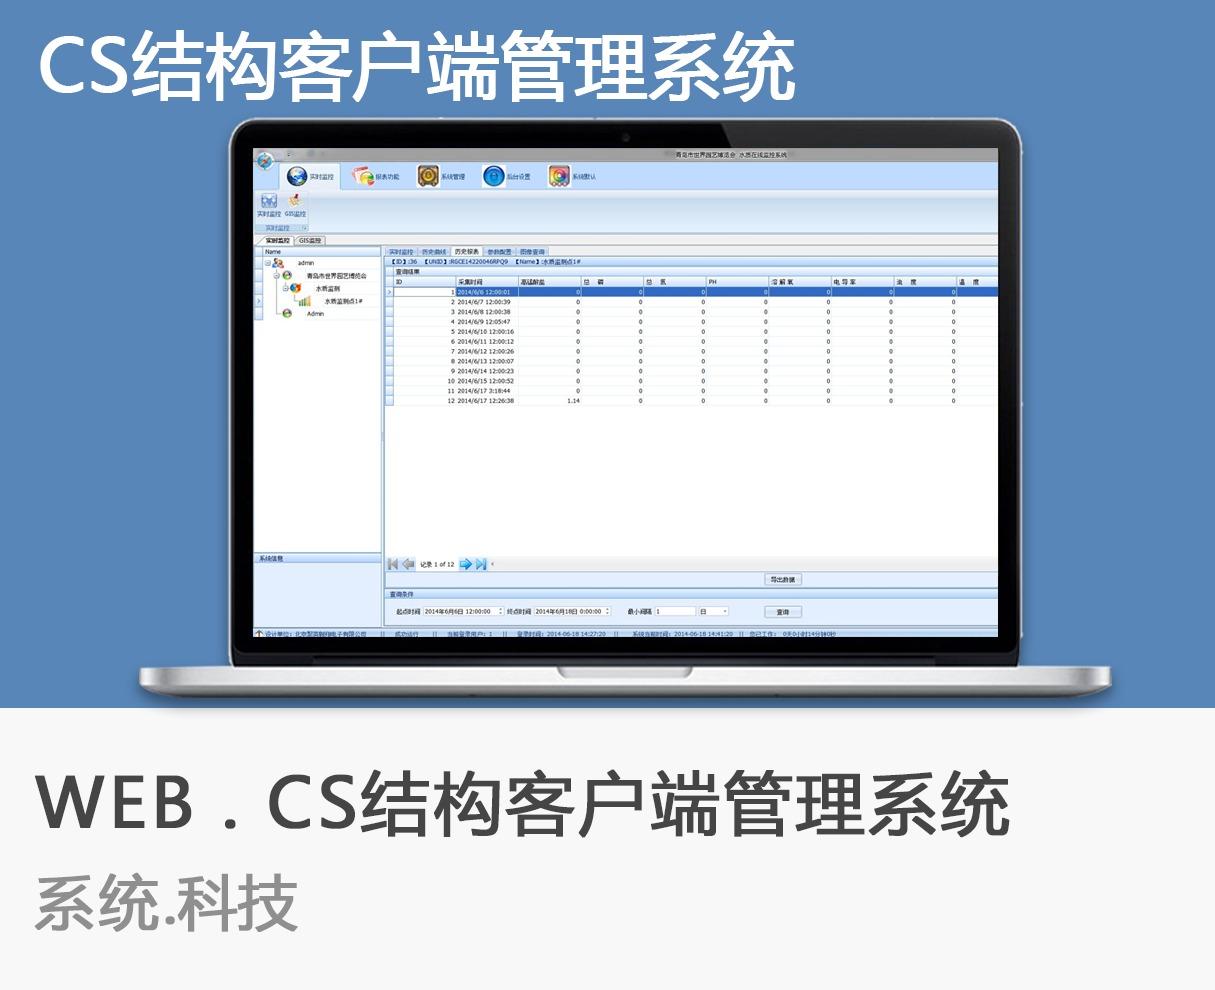 CS结构 客户端 管理系统 店铺管理 单价版本